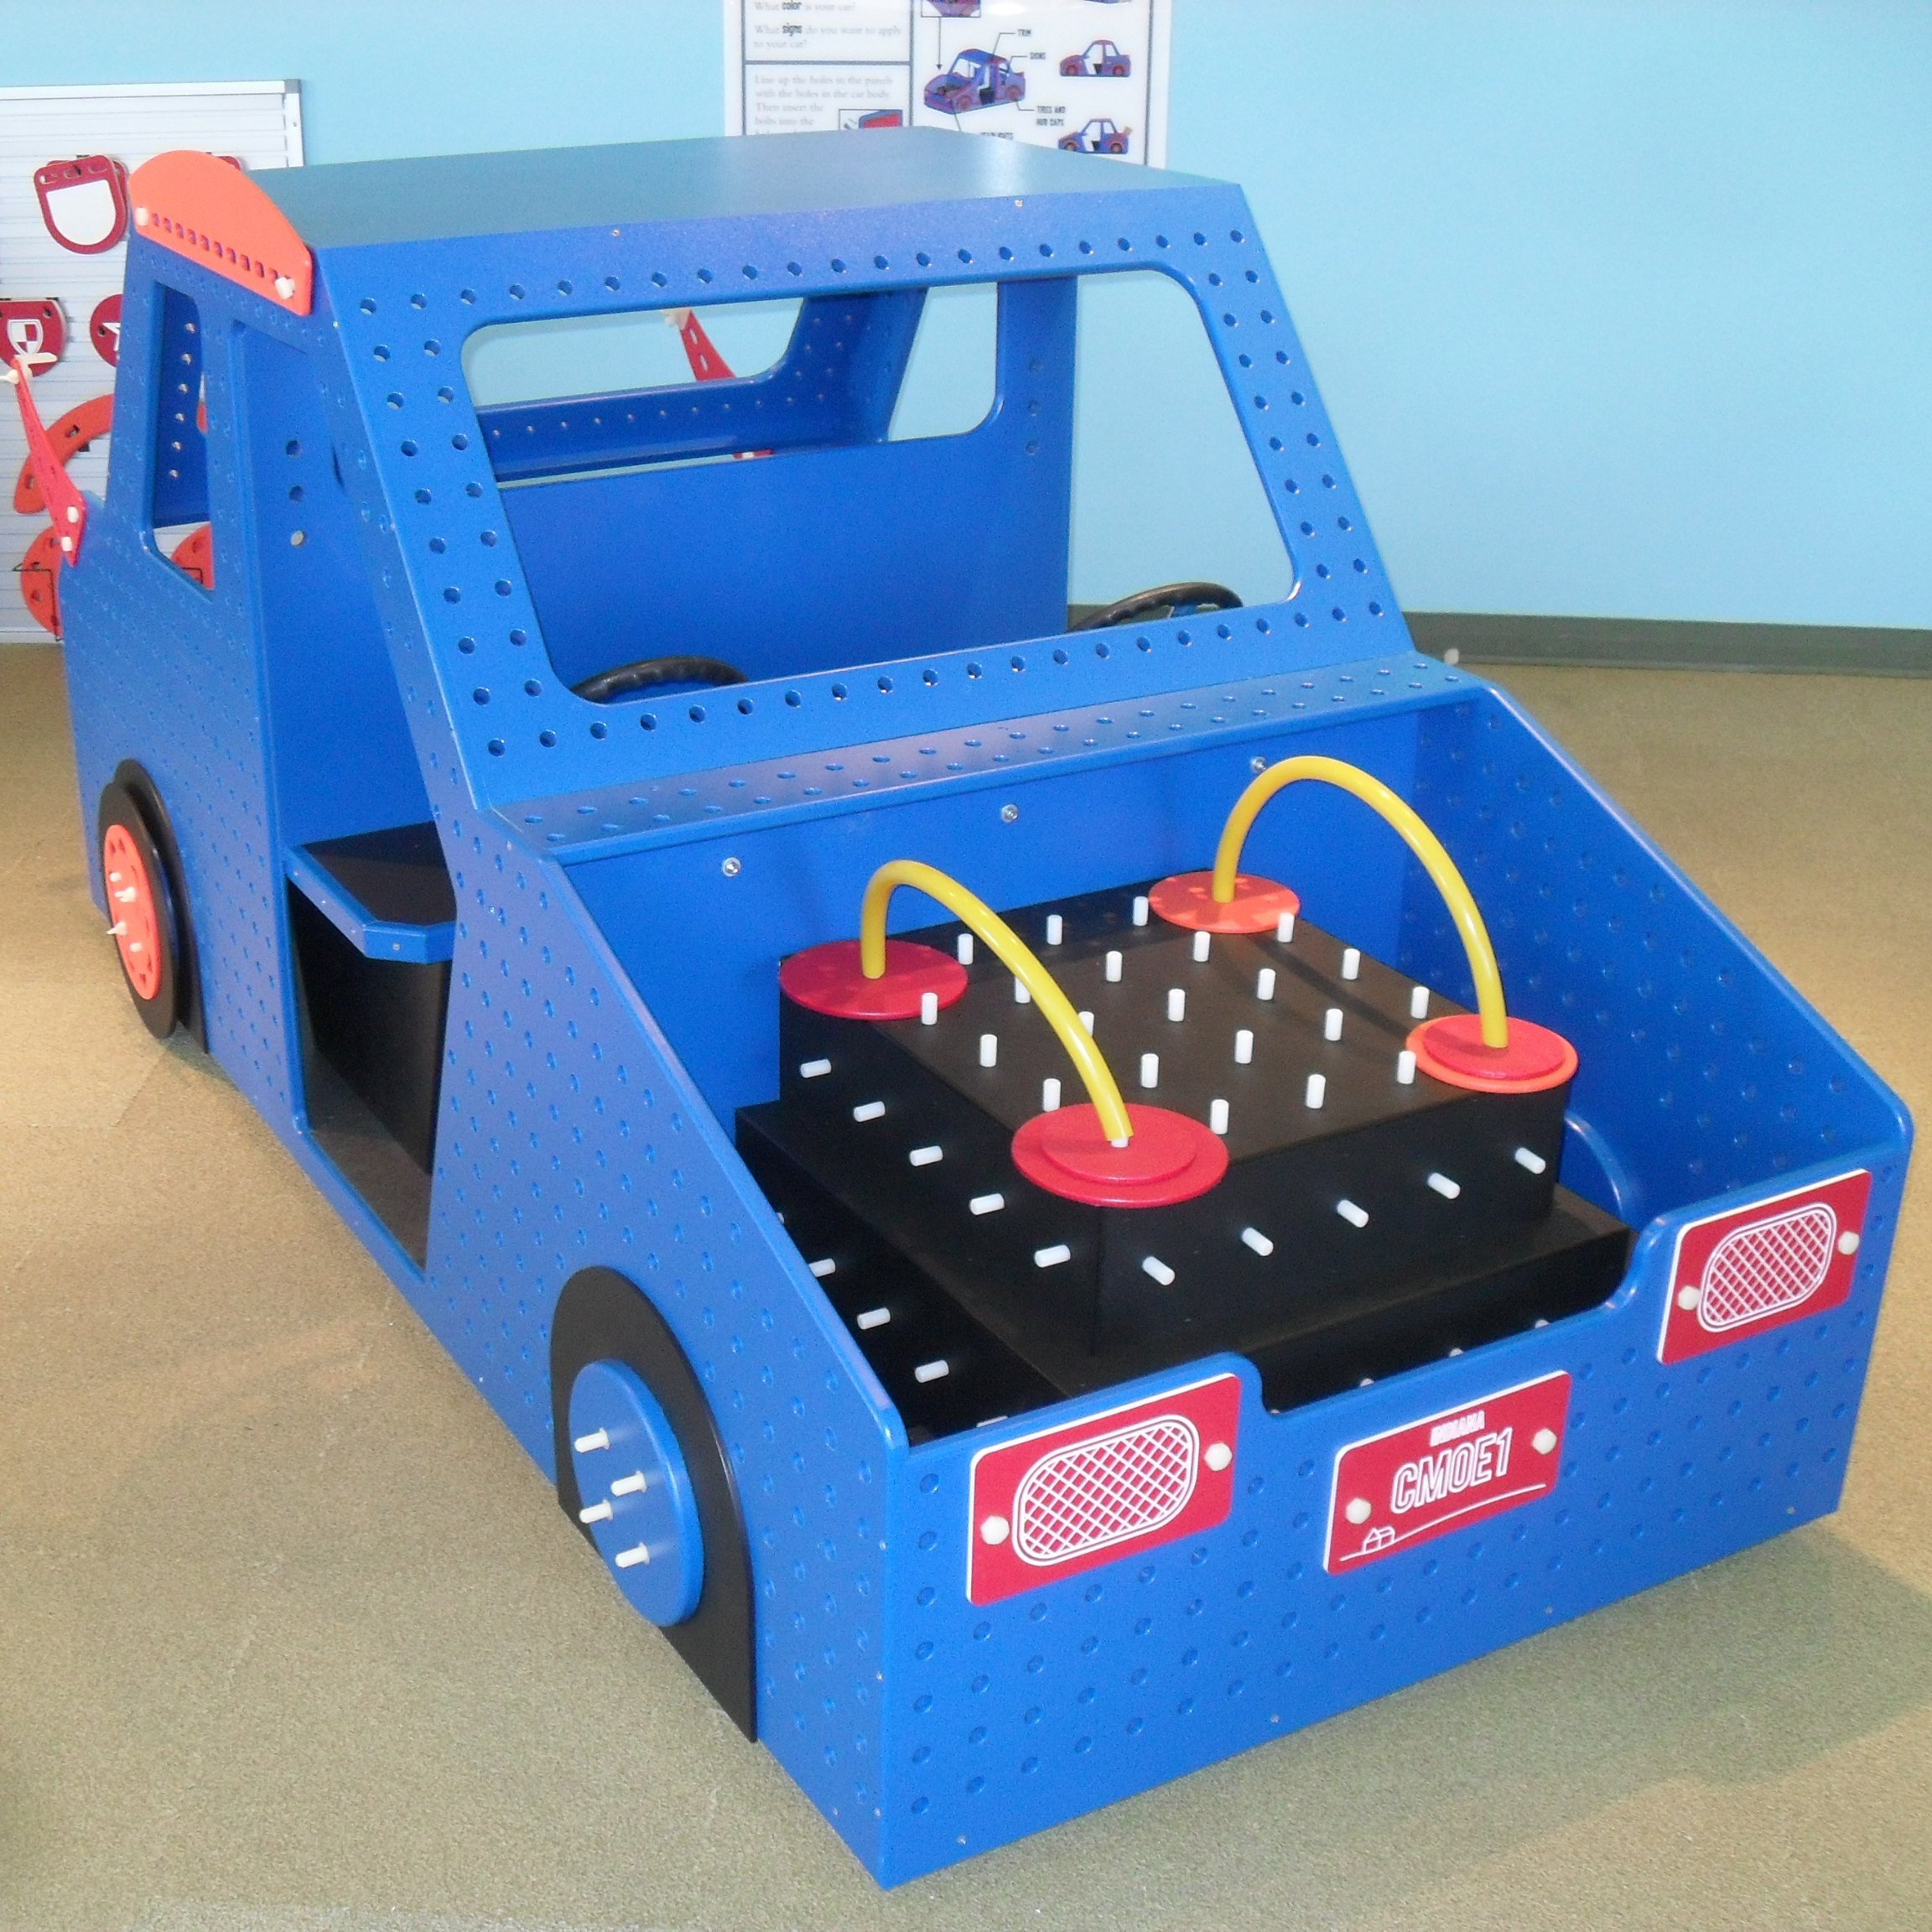 Invent-A-Car - $15,800